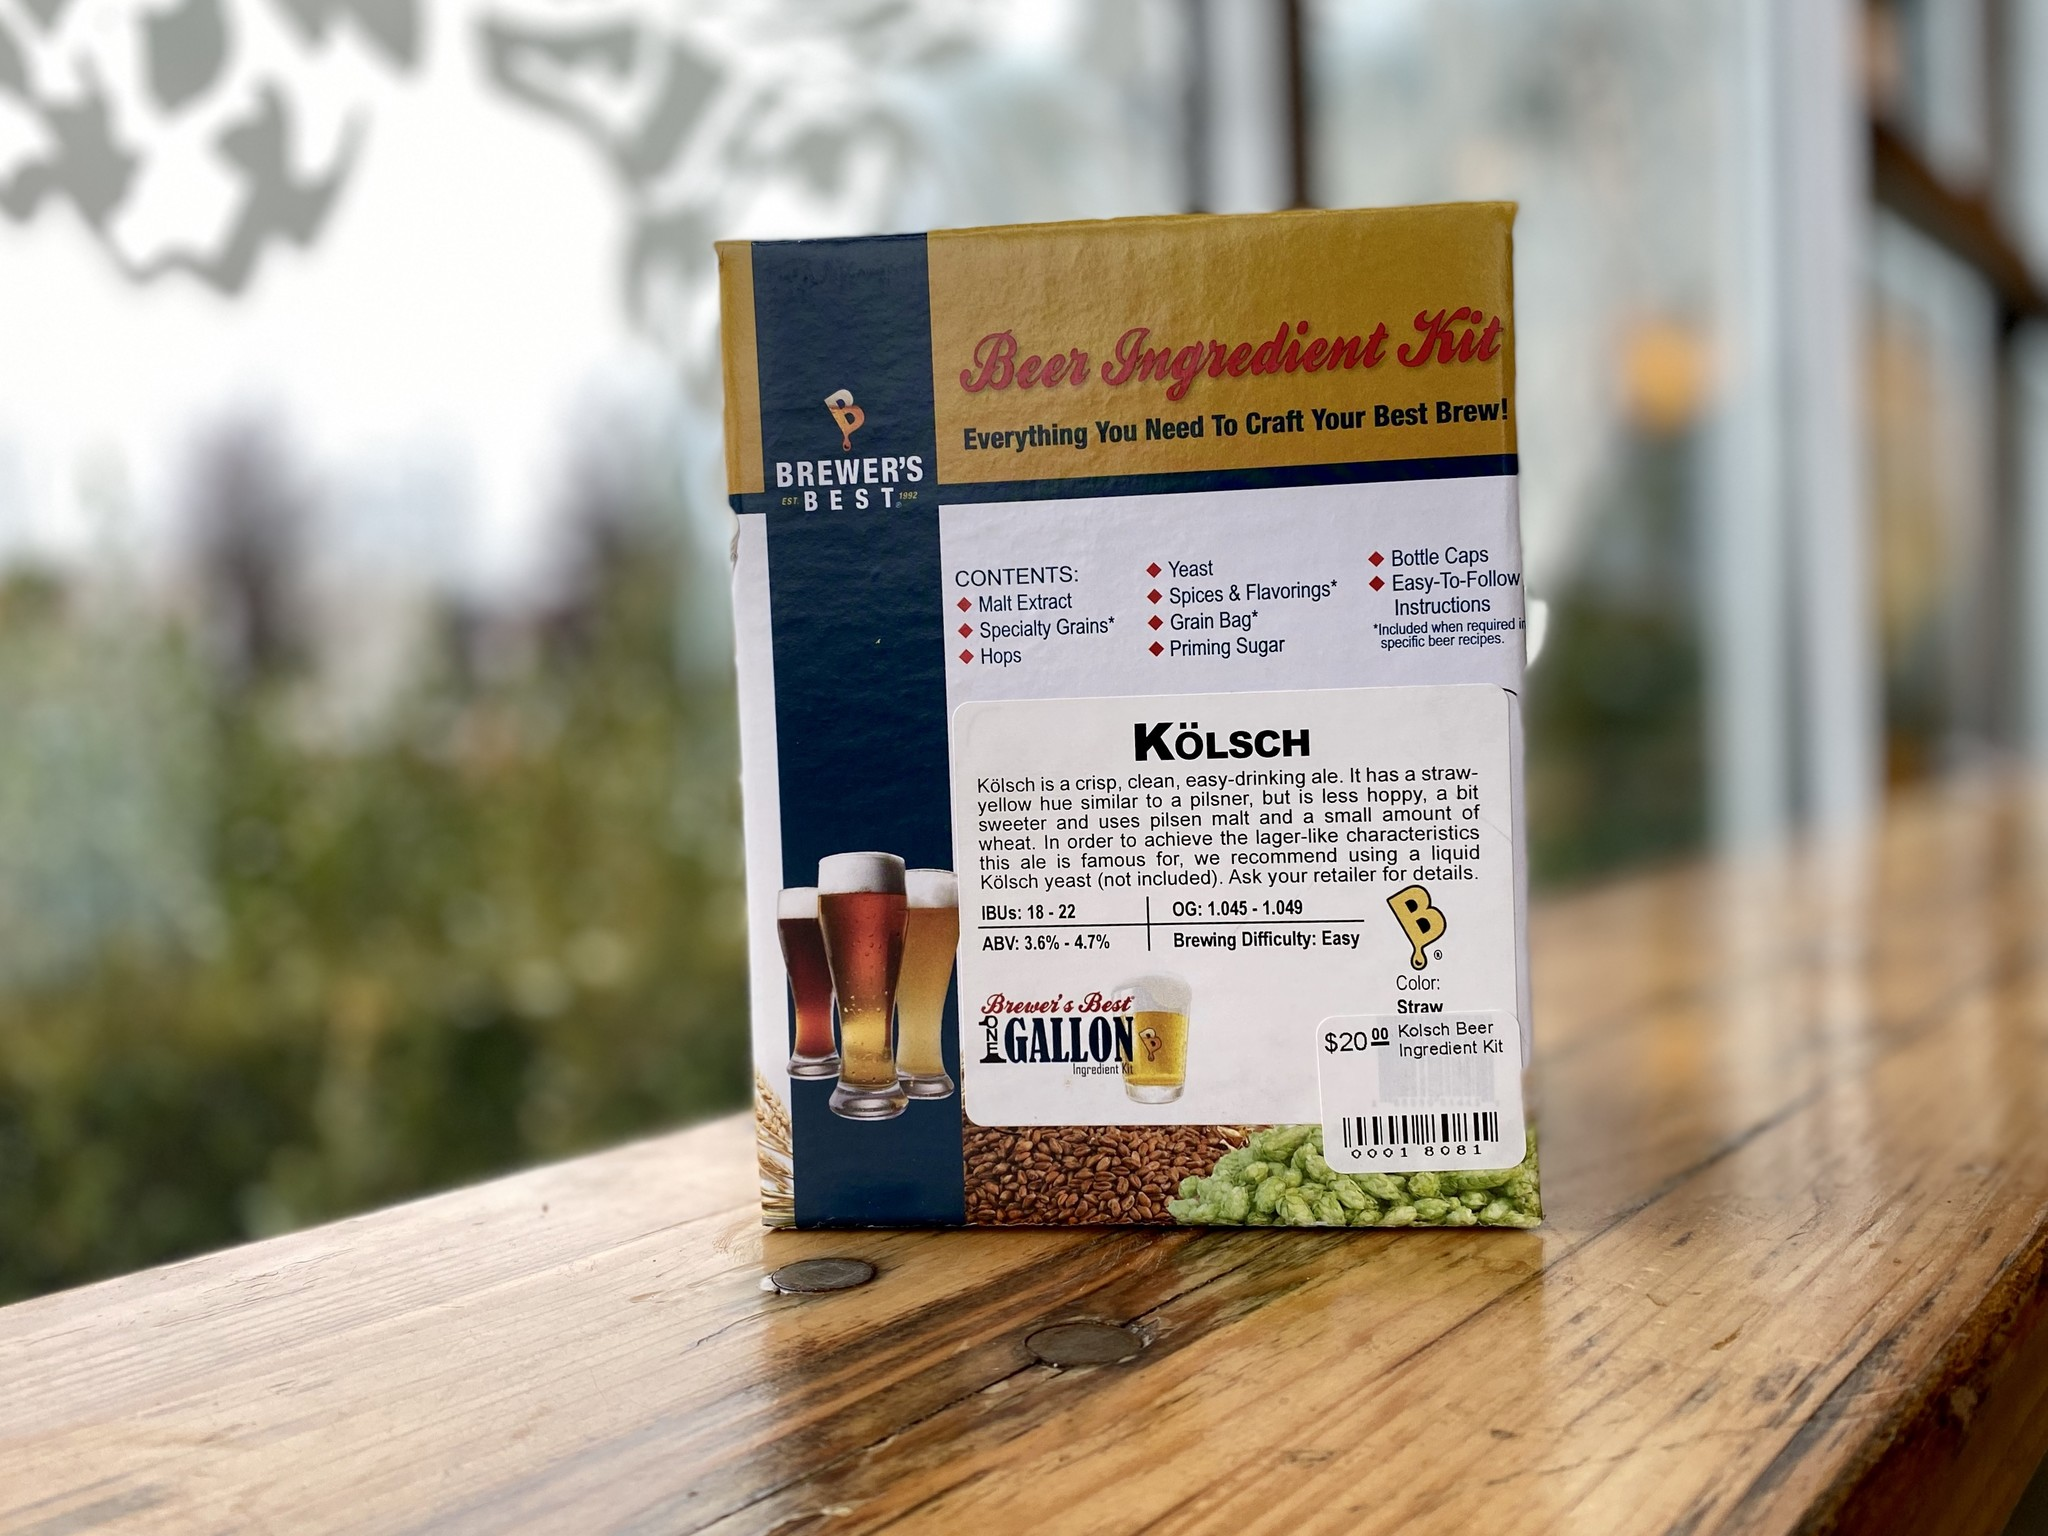 Kolsch Beer Ingredient Kit